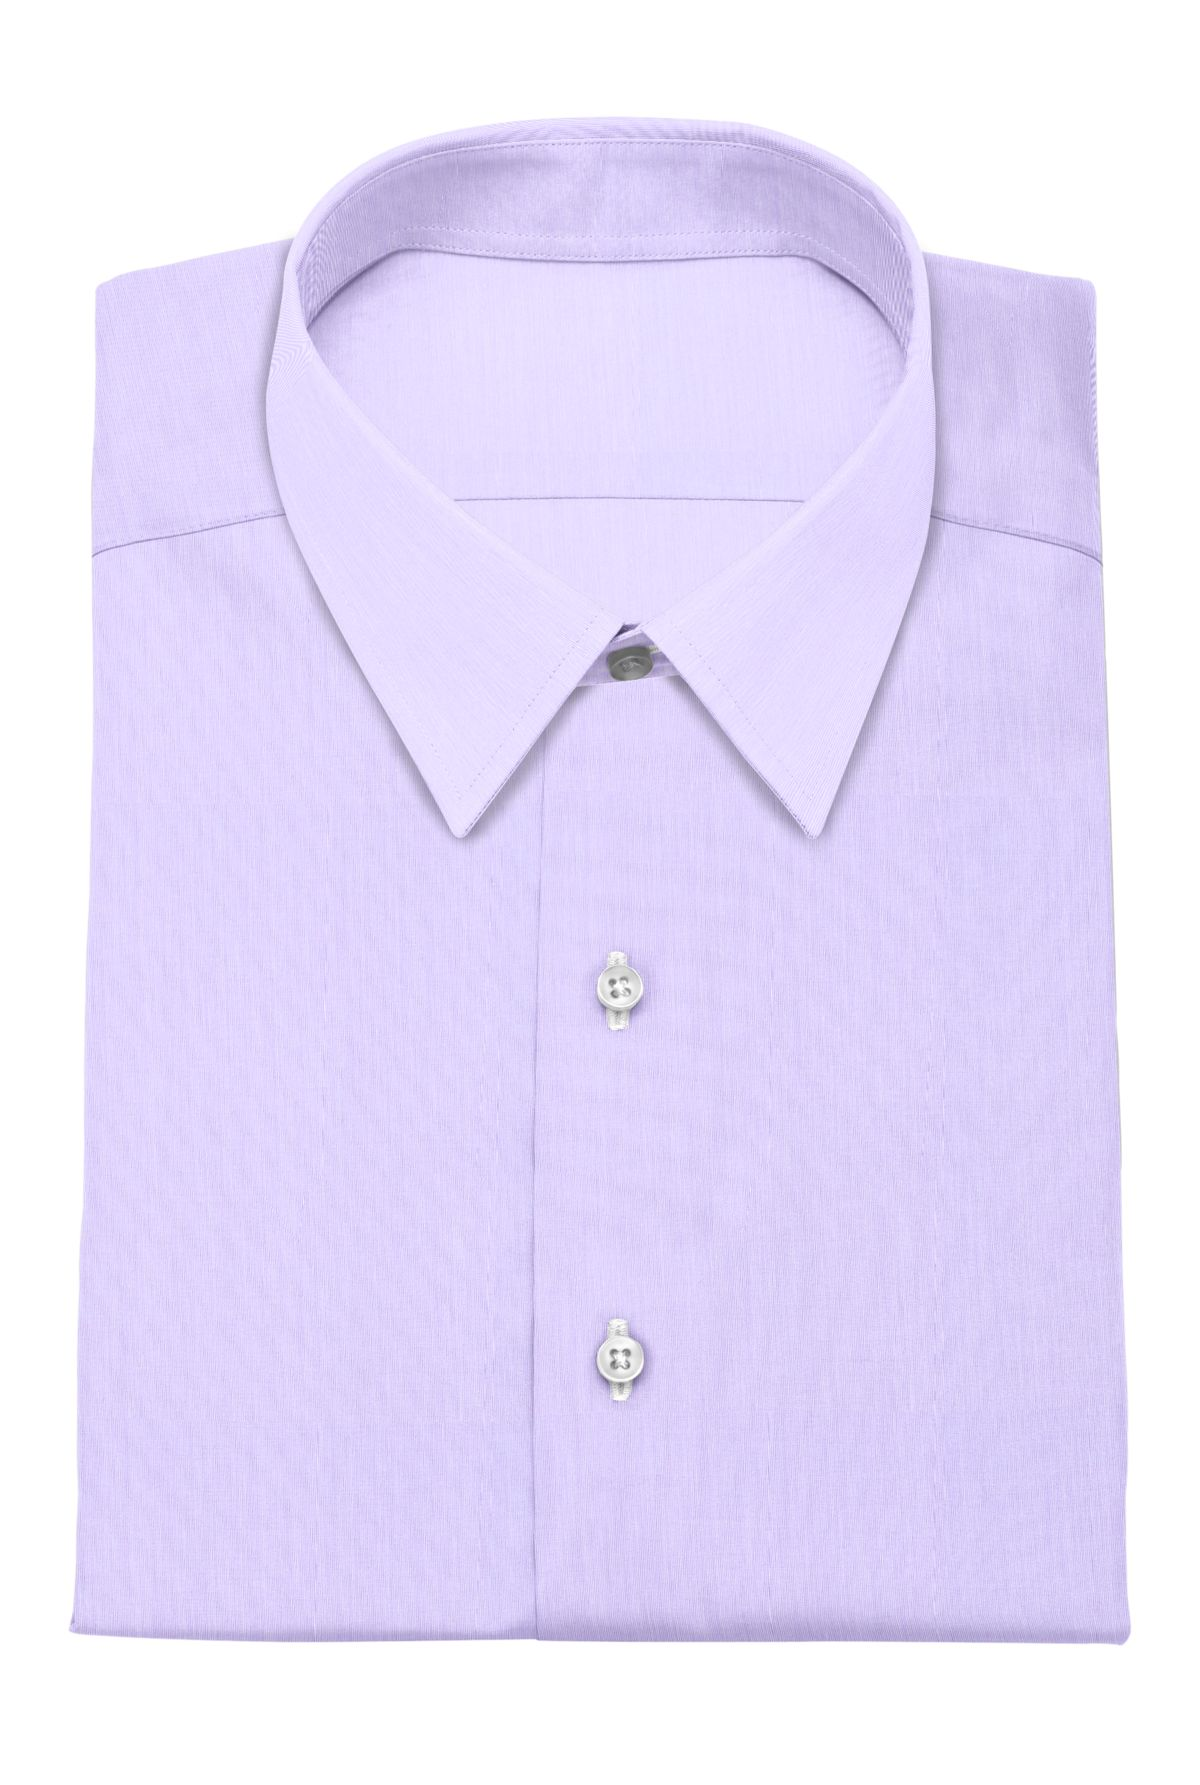 chemise homme violet uni tailor corner. Black Bedroom Furniture Sets. Home Design Ideas